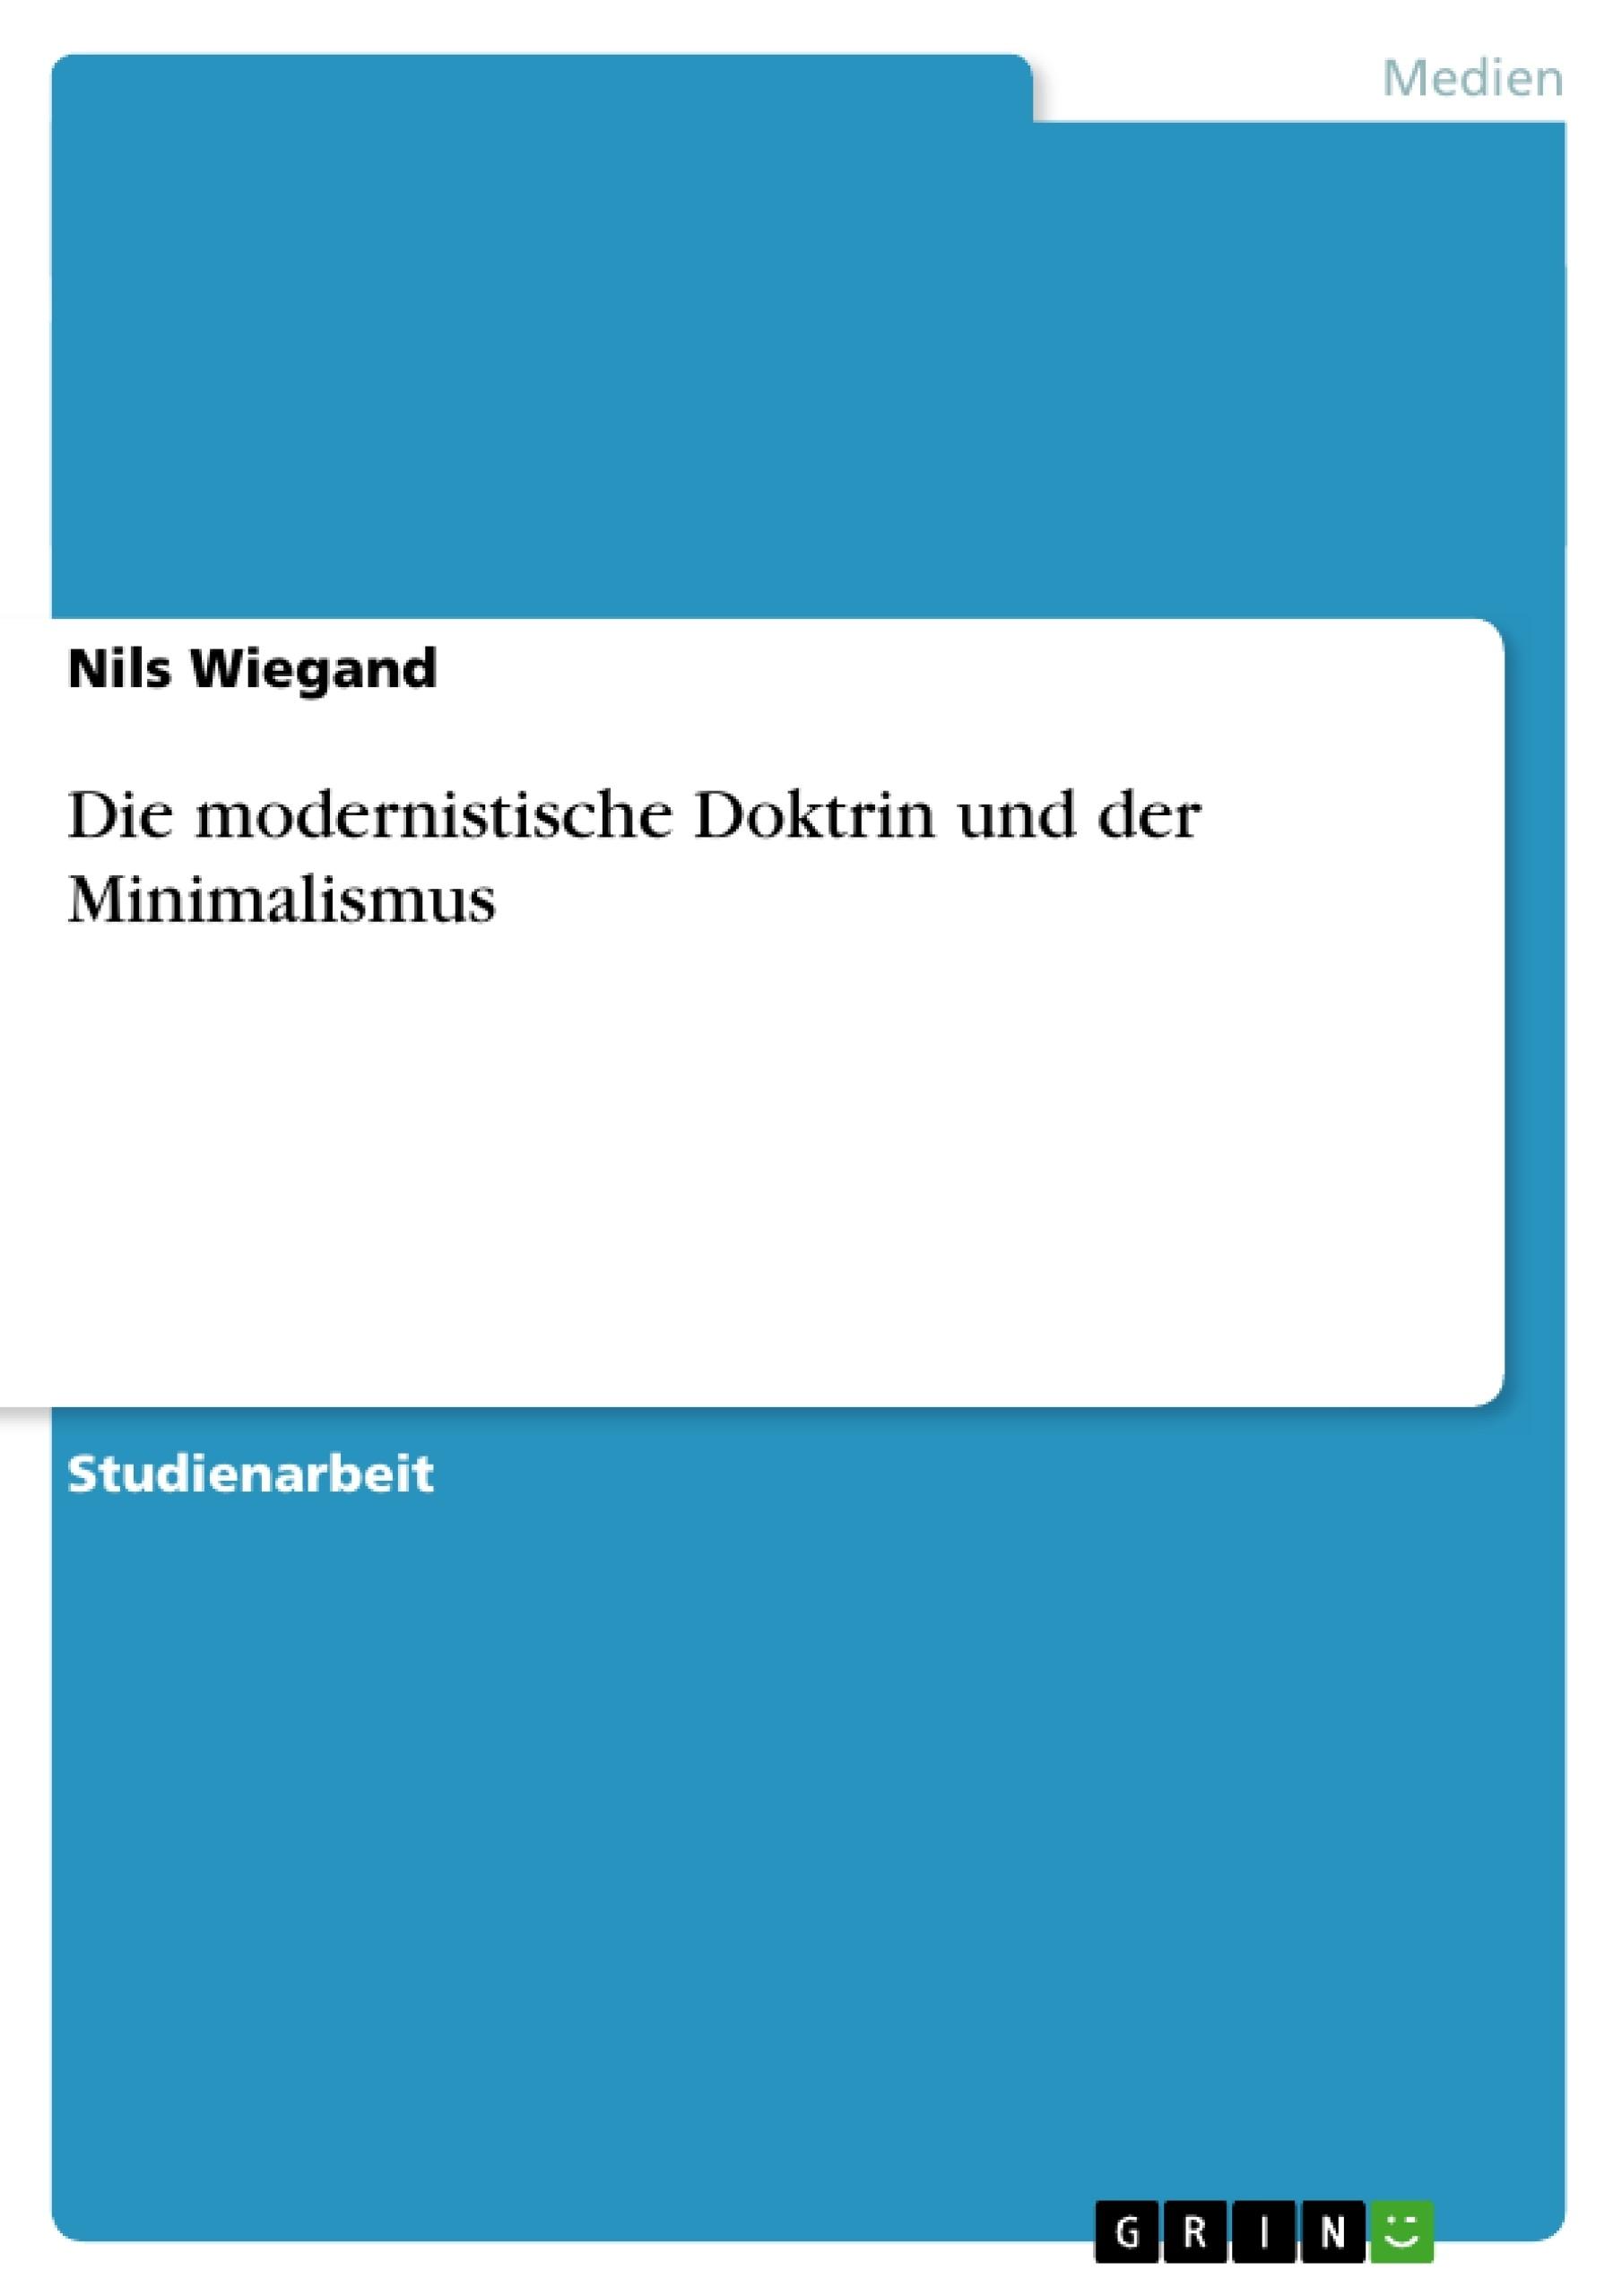 Titel: Die modernistische Doktrin und der Minimalismus